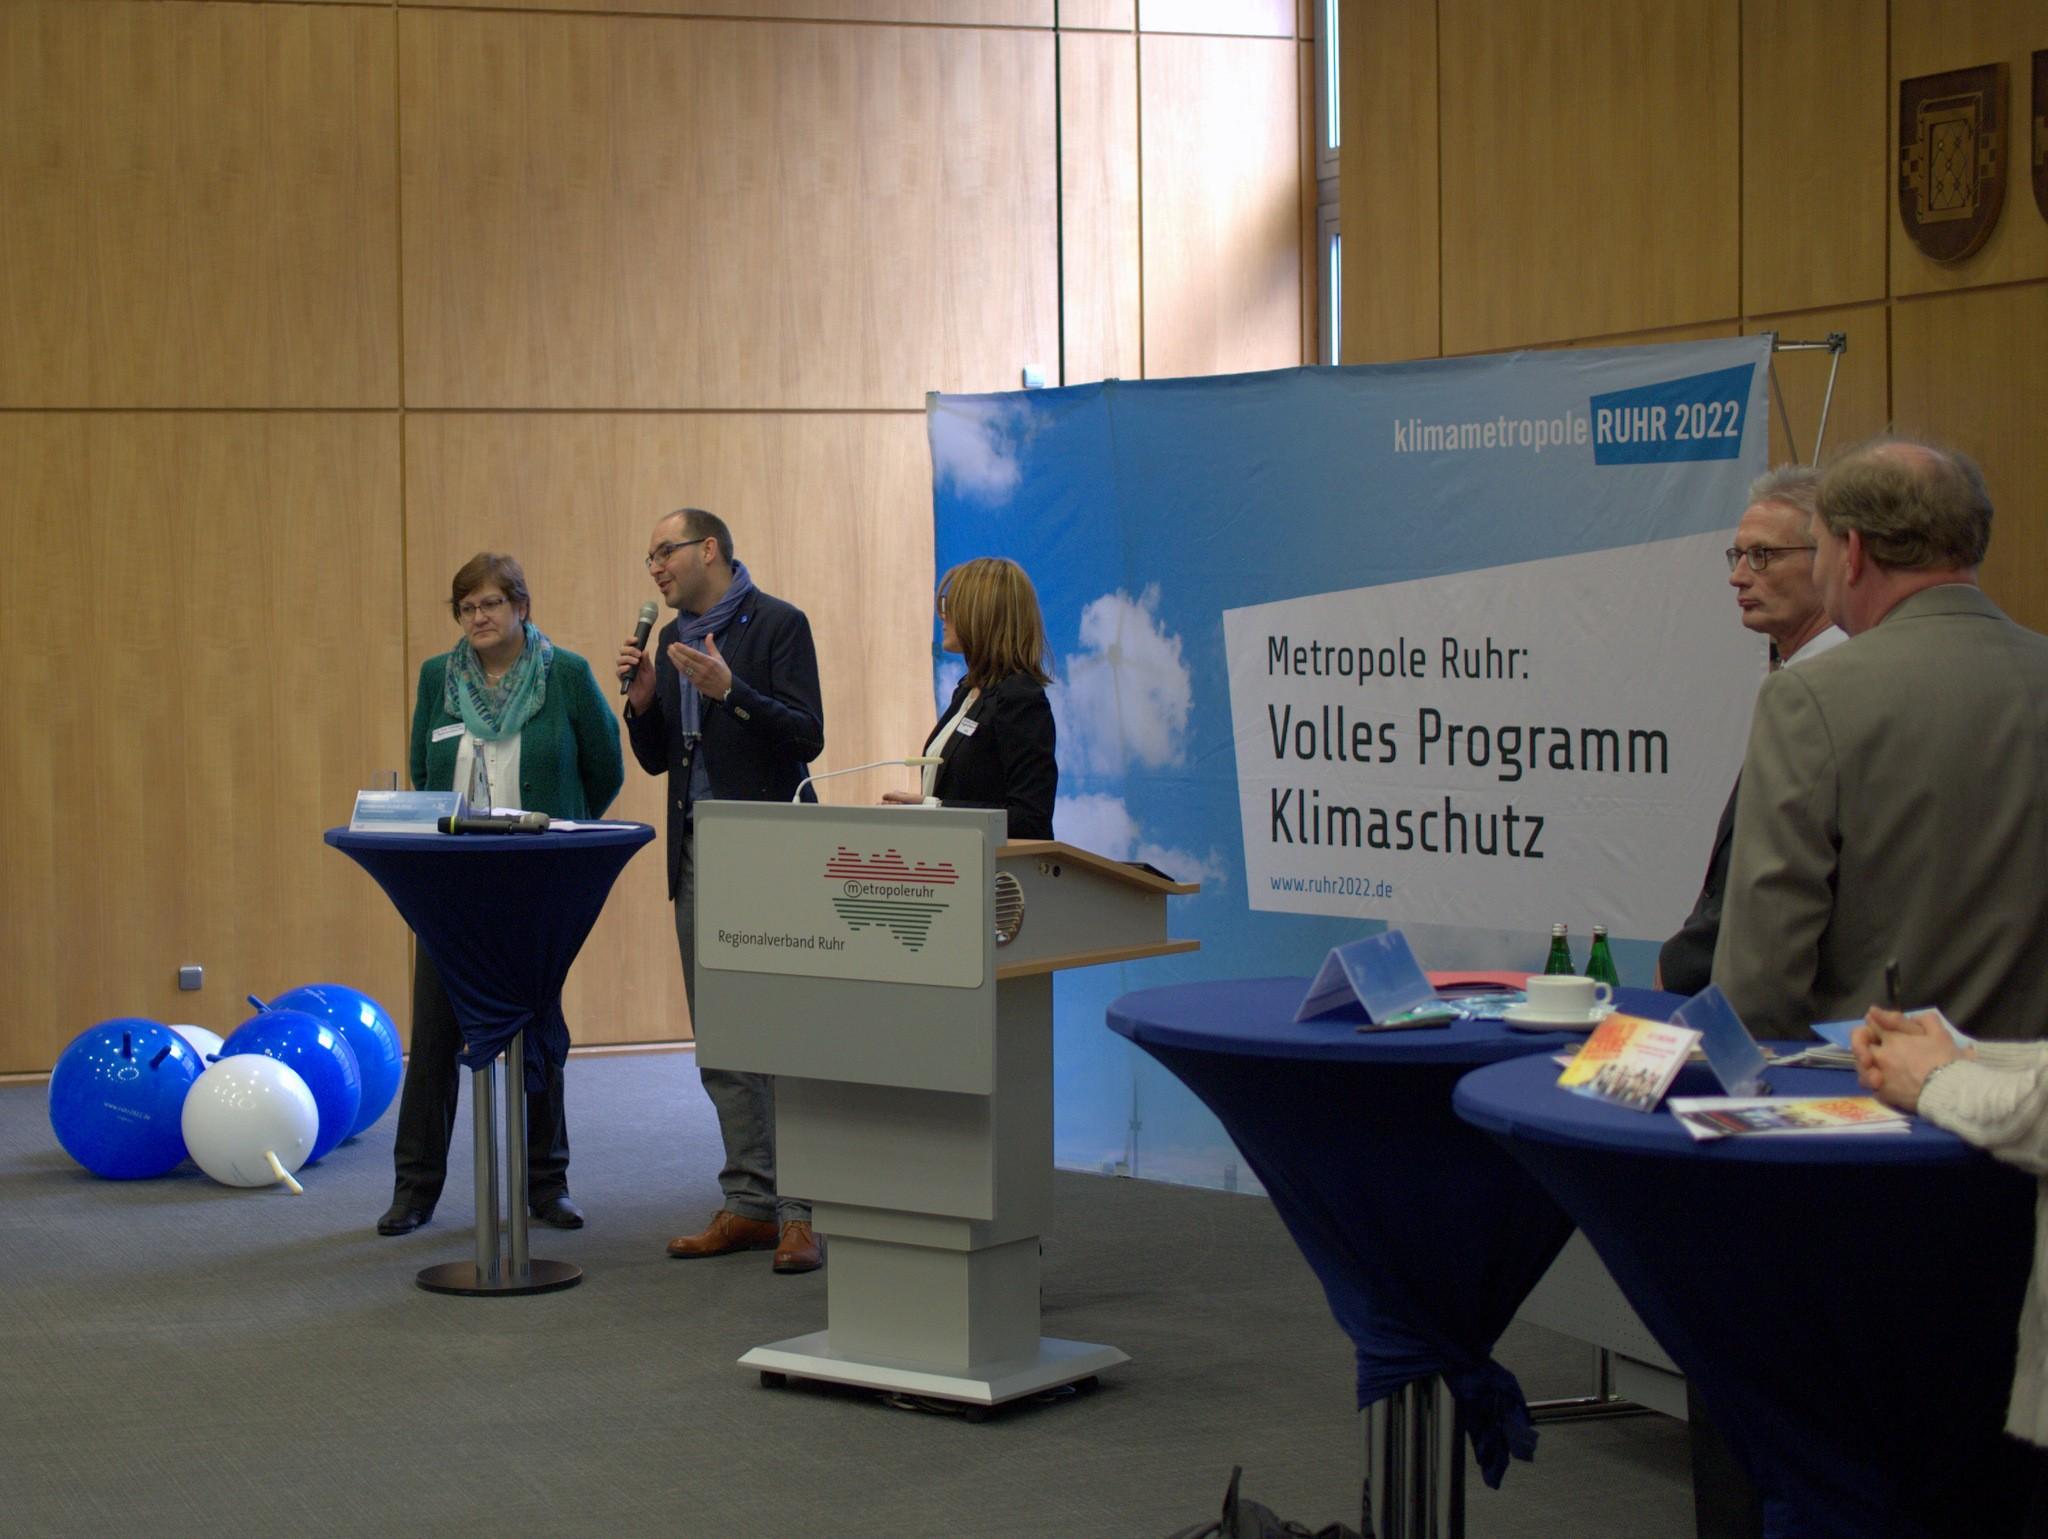 VLNR: Vorstellung durch Fr. Karola Geiß-Netthöfel, Hr. Jens Hapke, Fr. Simone Schubert